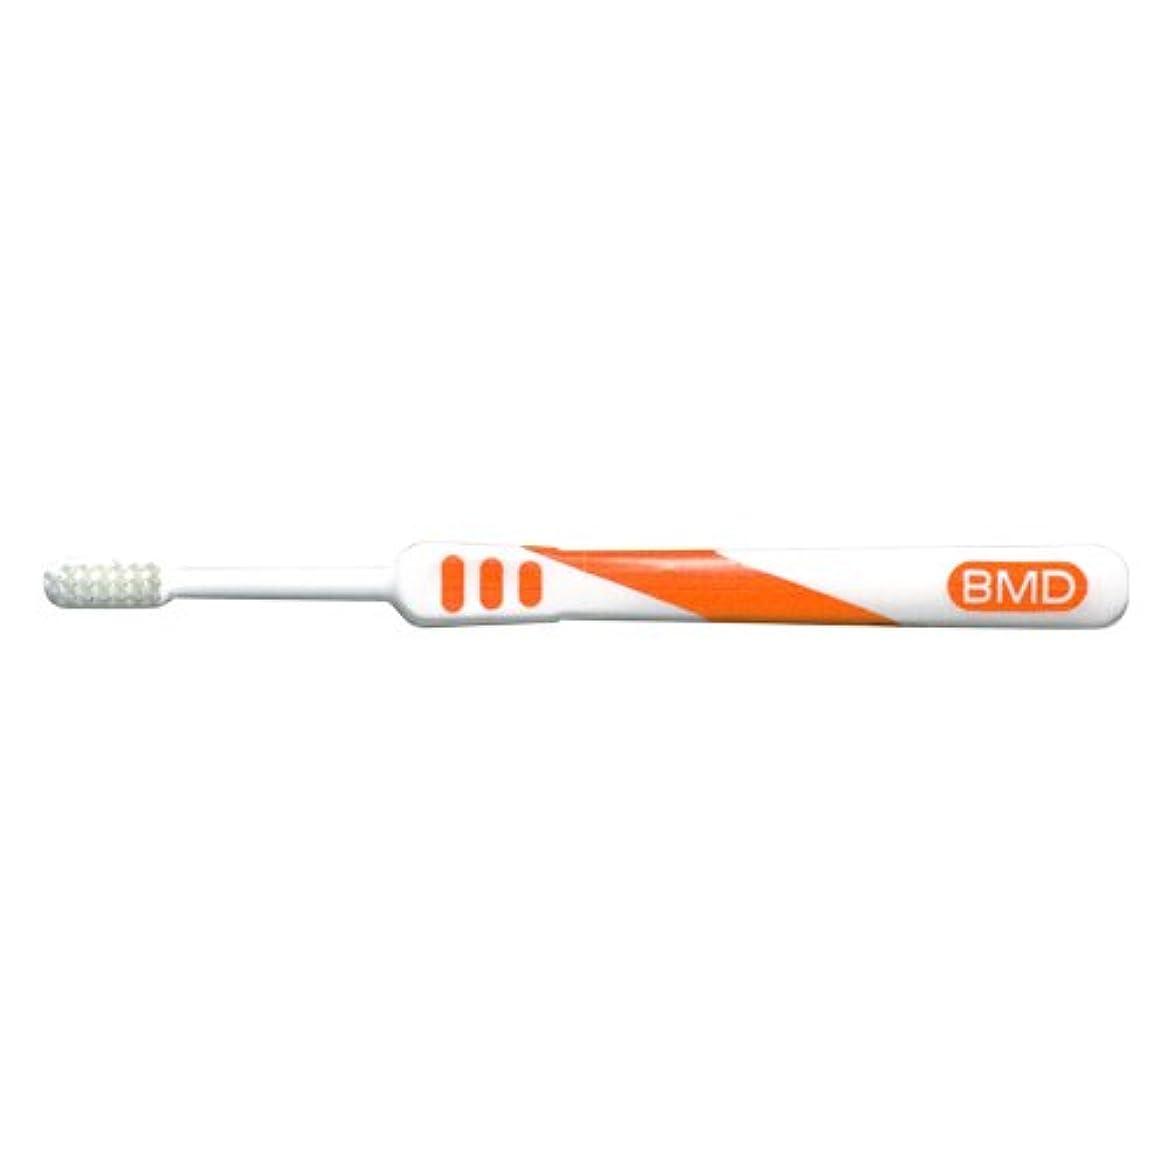 もっと少なくブラケット血色の良いビーブランド ビークイーン歯ブラシ 1本 105 タイブオレンジ